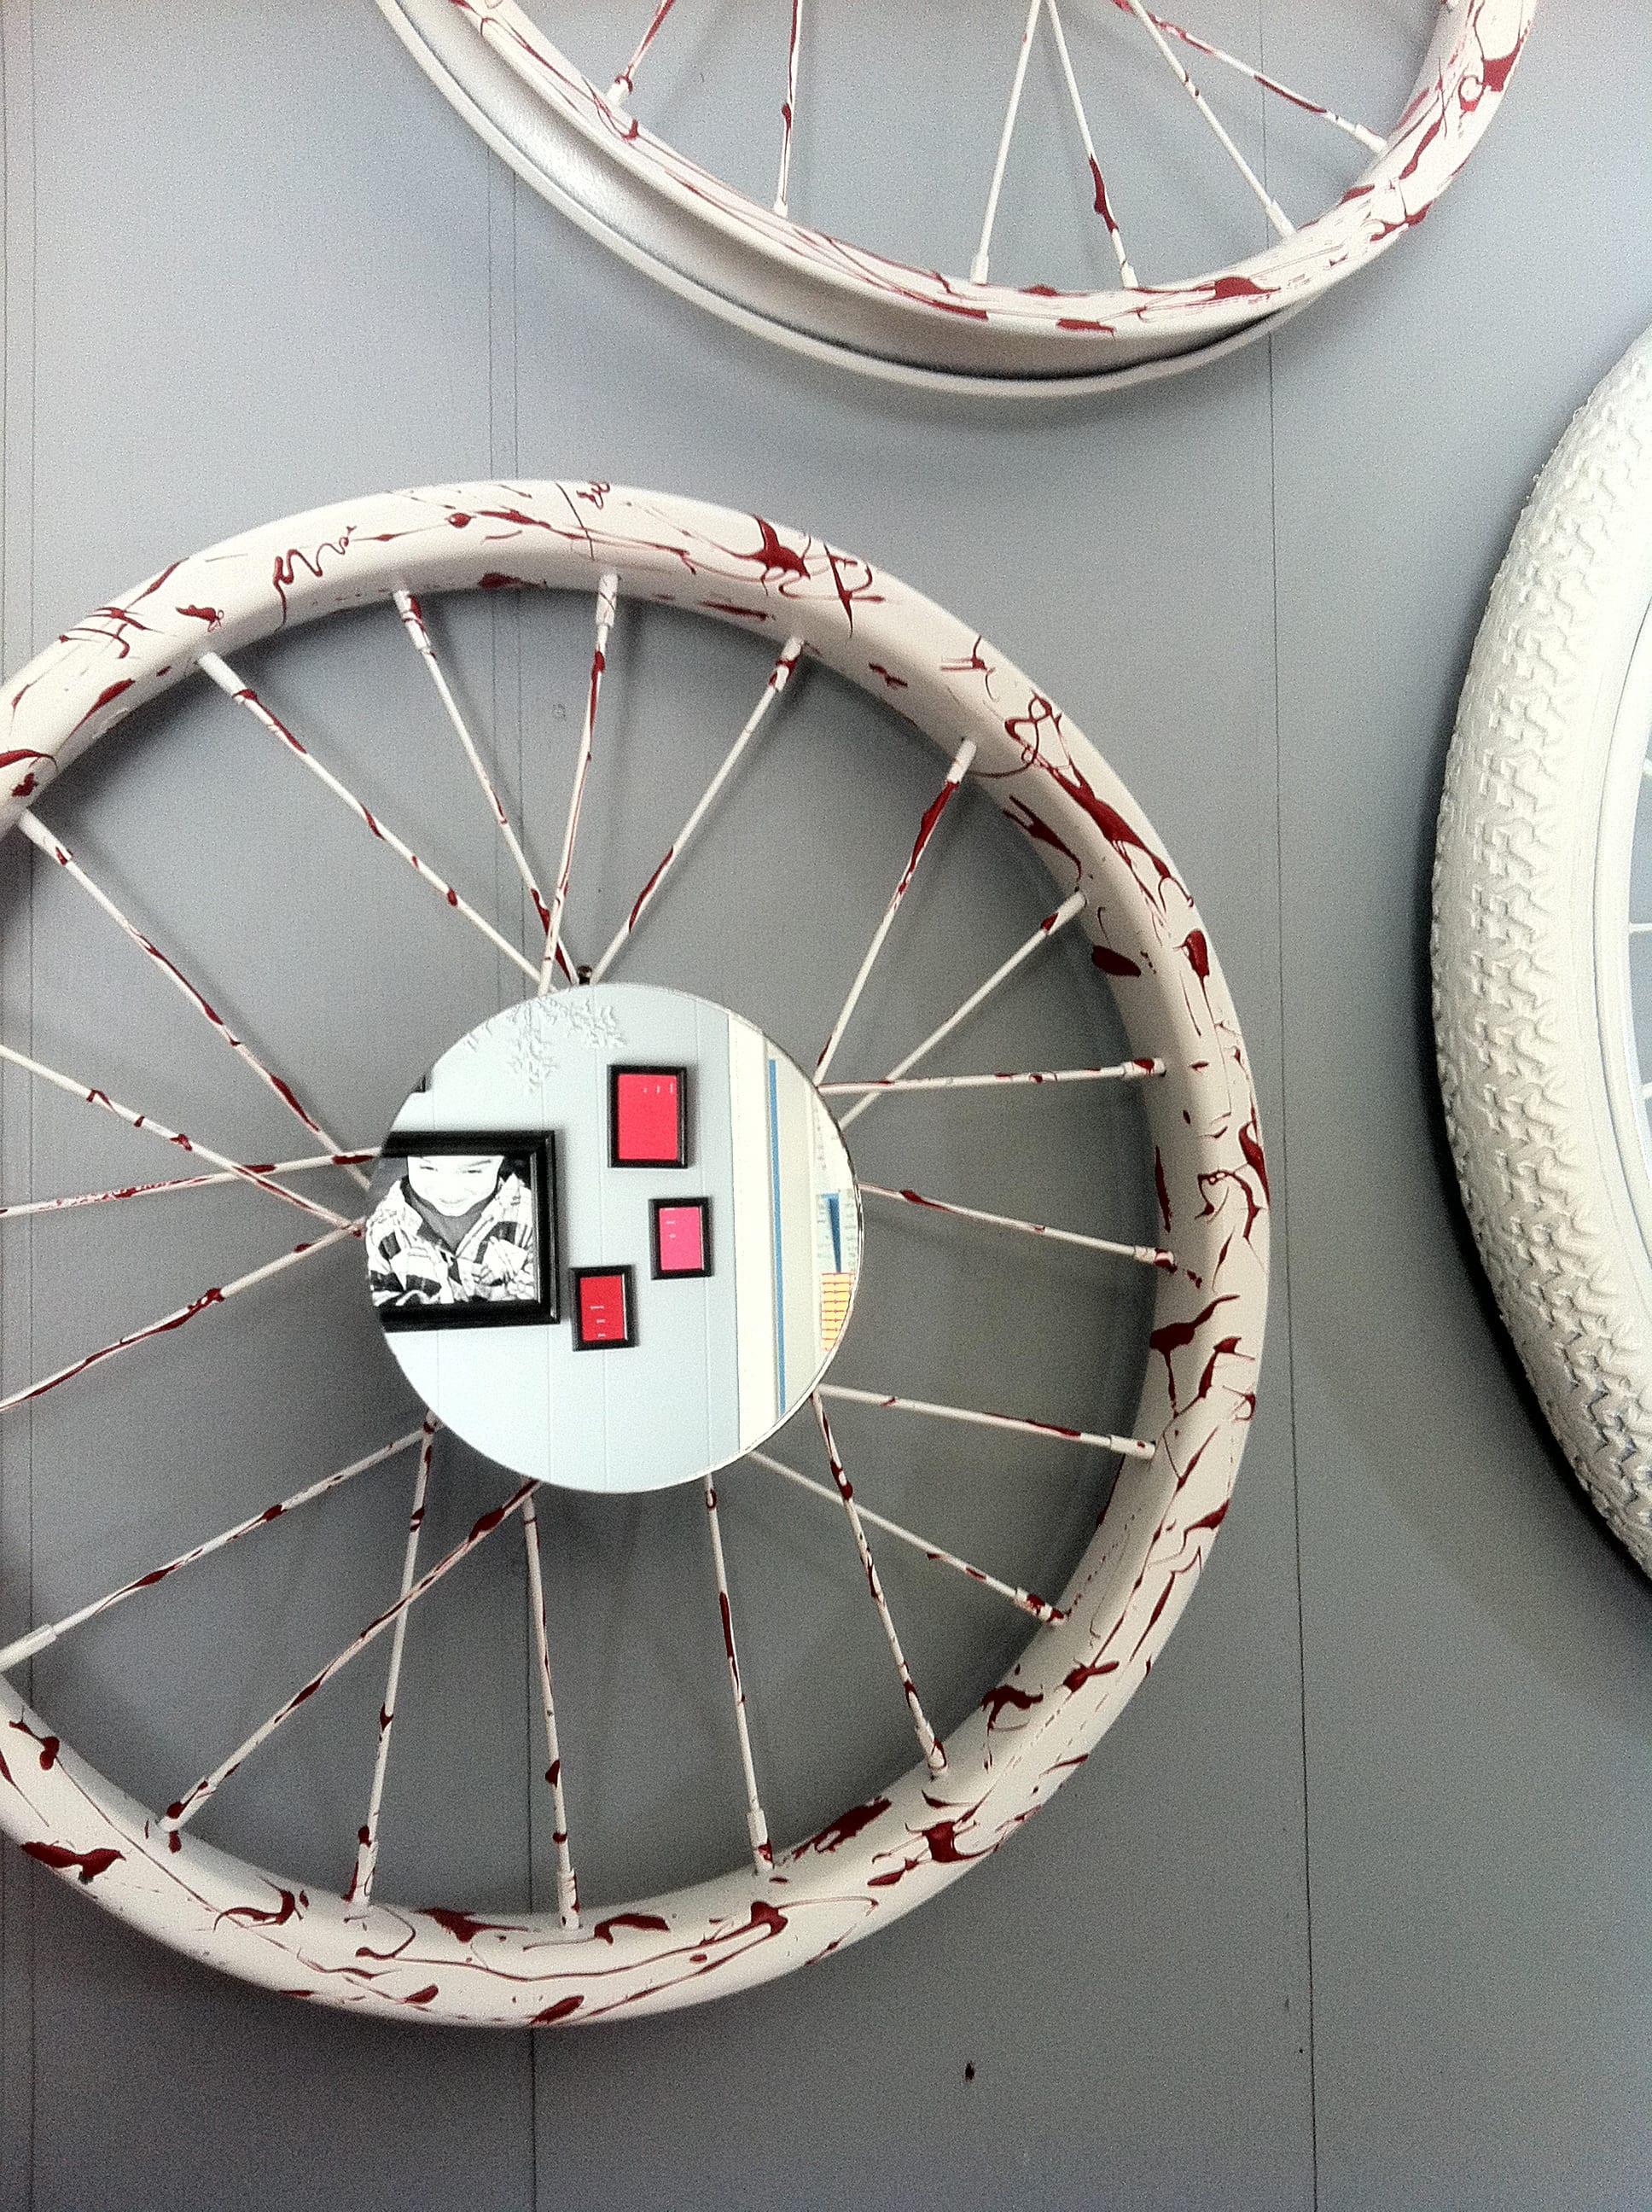 tolle idee für diy wanddeko mit weißen fahrrädern und kleine runden spiegeln